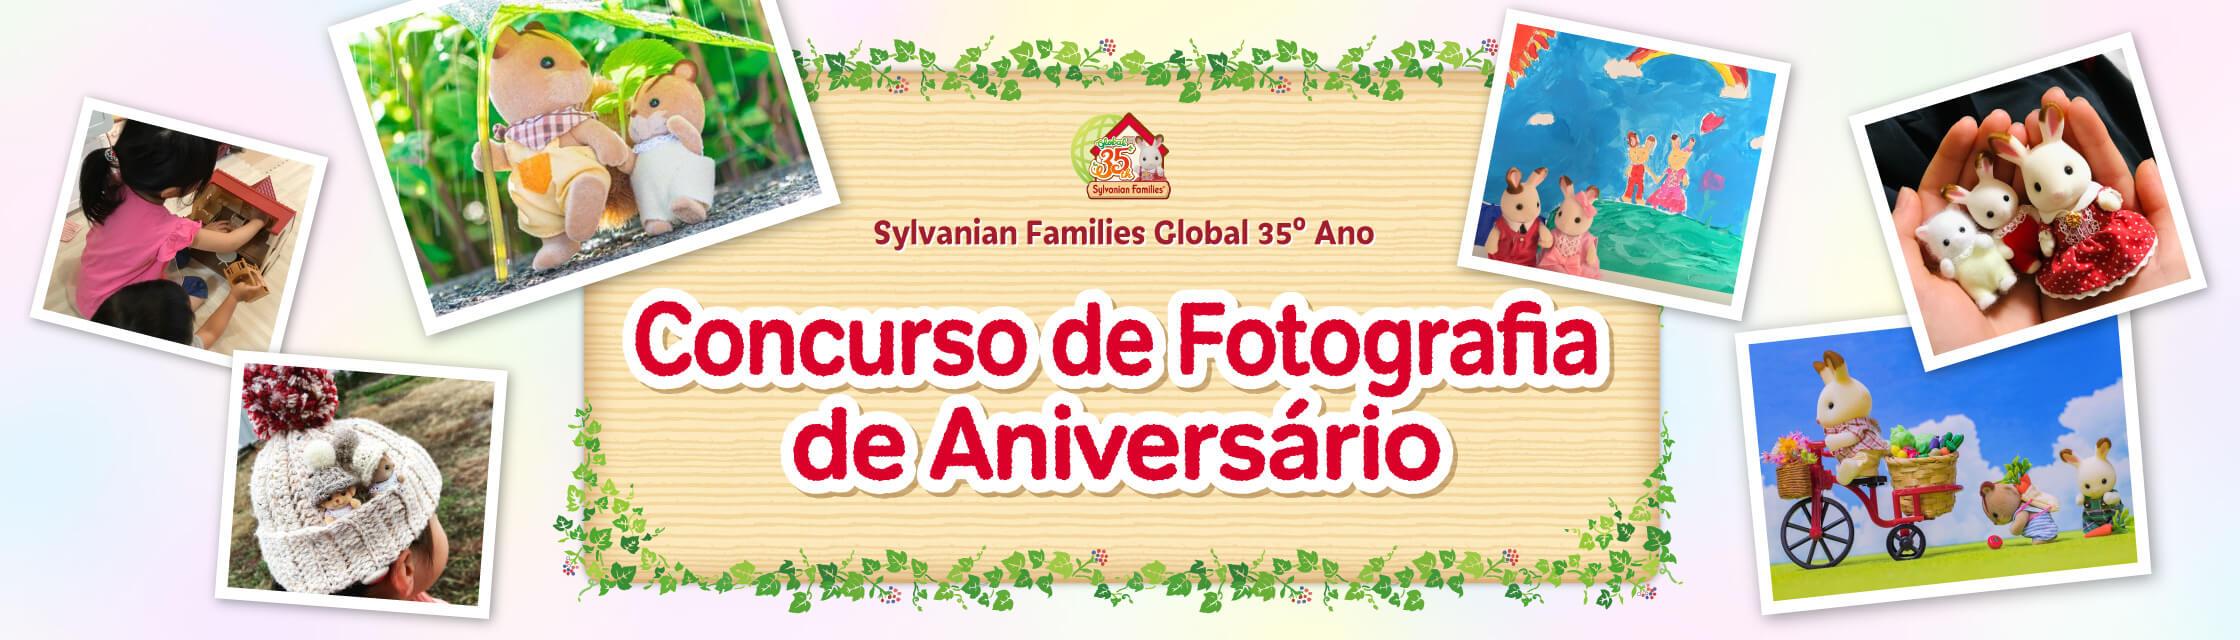 Sylvanian Families Global 35º Ano Concurso de Fotografia de Aniversário